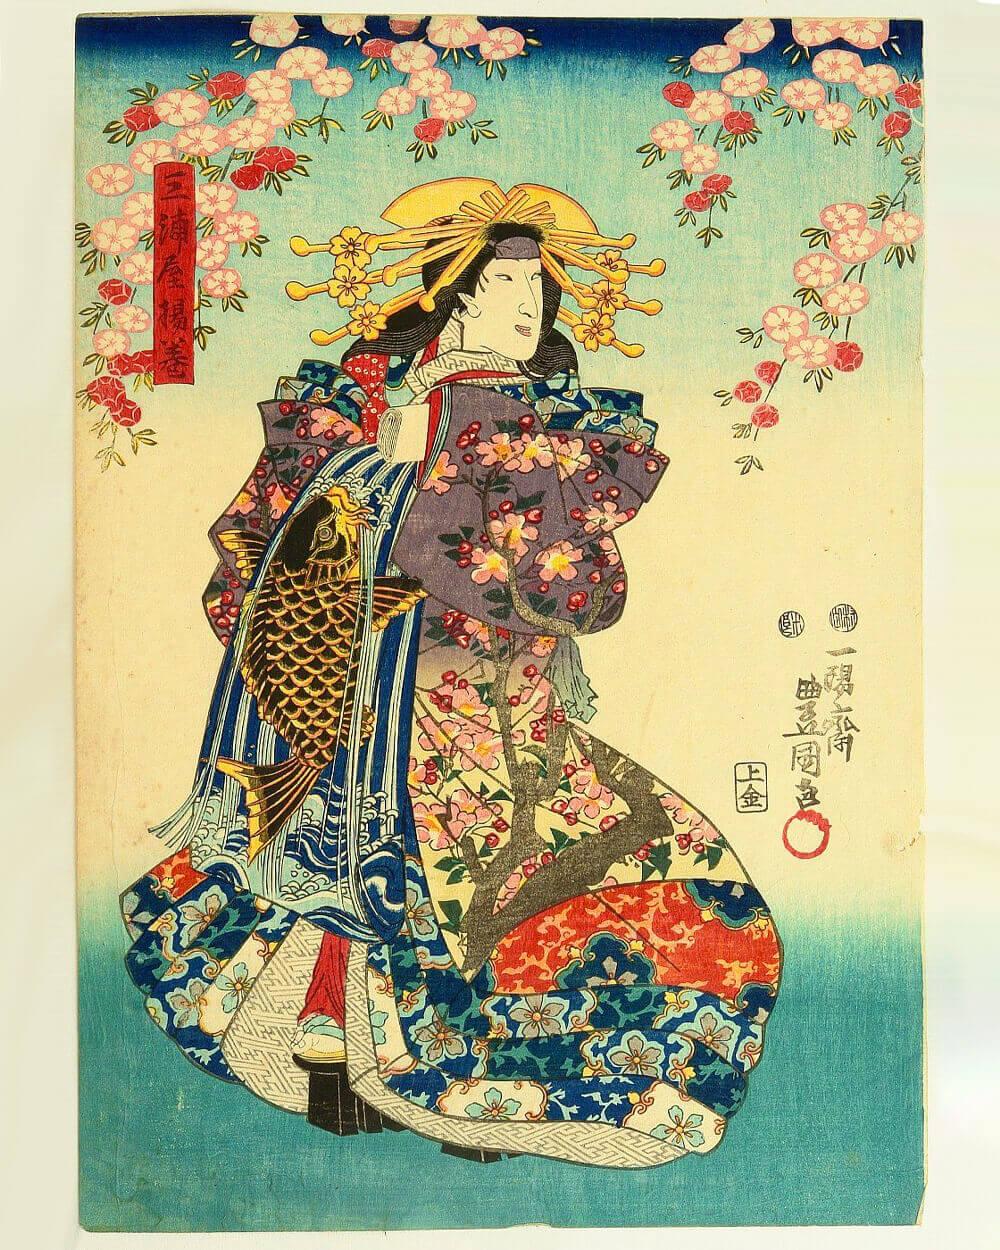 Japanese 1850s art